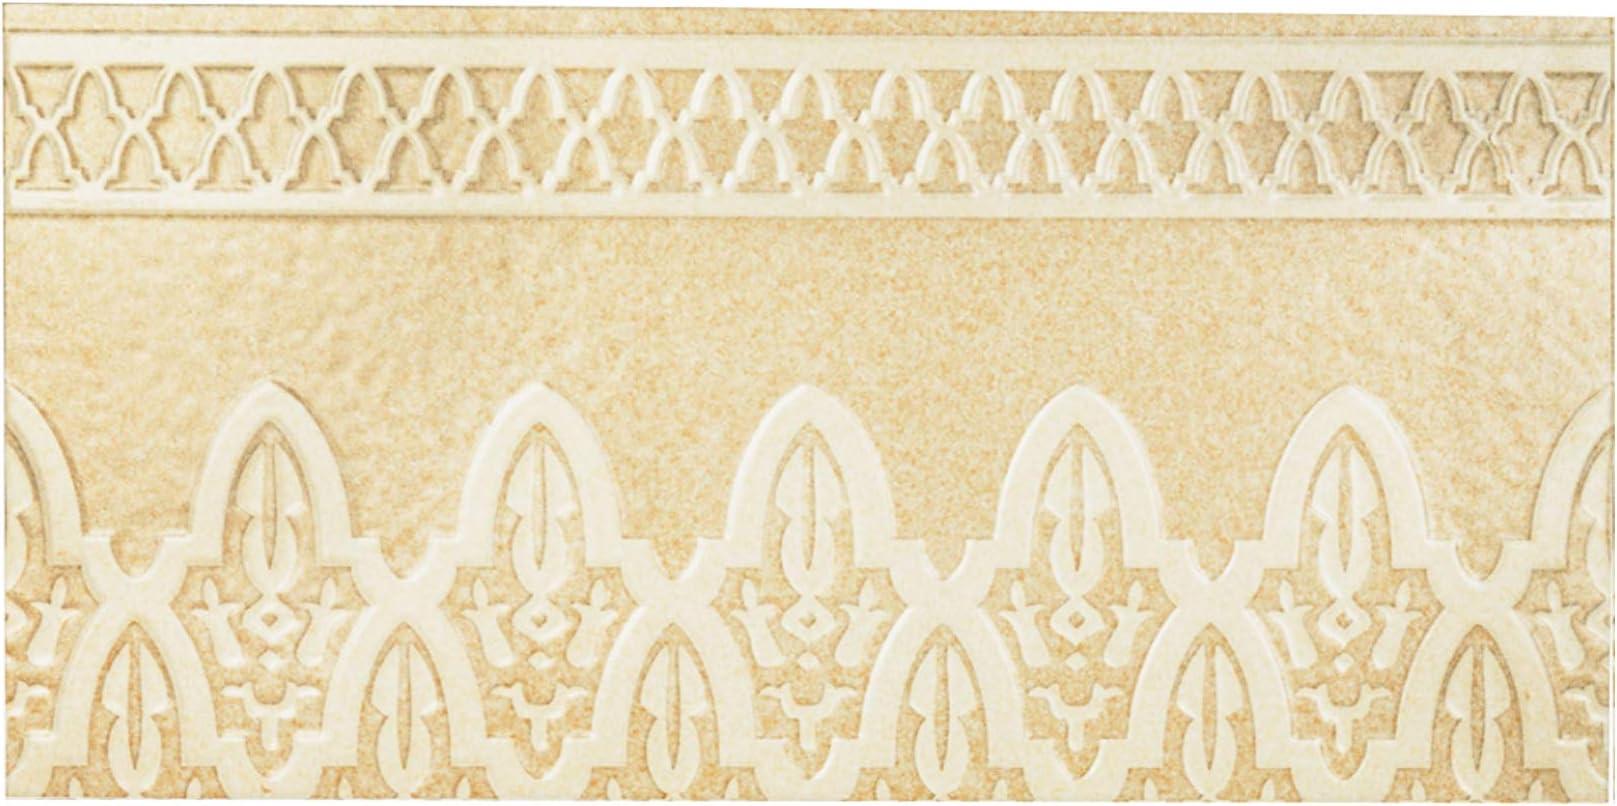 sch/öne Wand Dekoration im Bad /& K/üchenr/ückwand Orientalische Fliesenbord/üre marokkanische Bord/üre Rayhan 28 x 14 cm Mosaik Muster Maurische Ornamentfliesen Relieffliesen